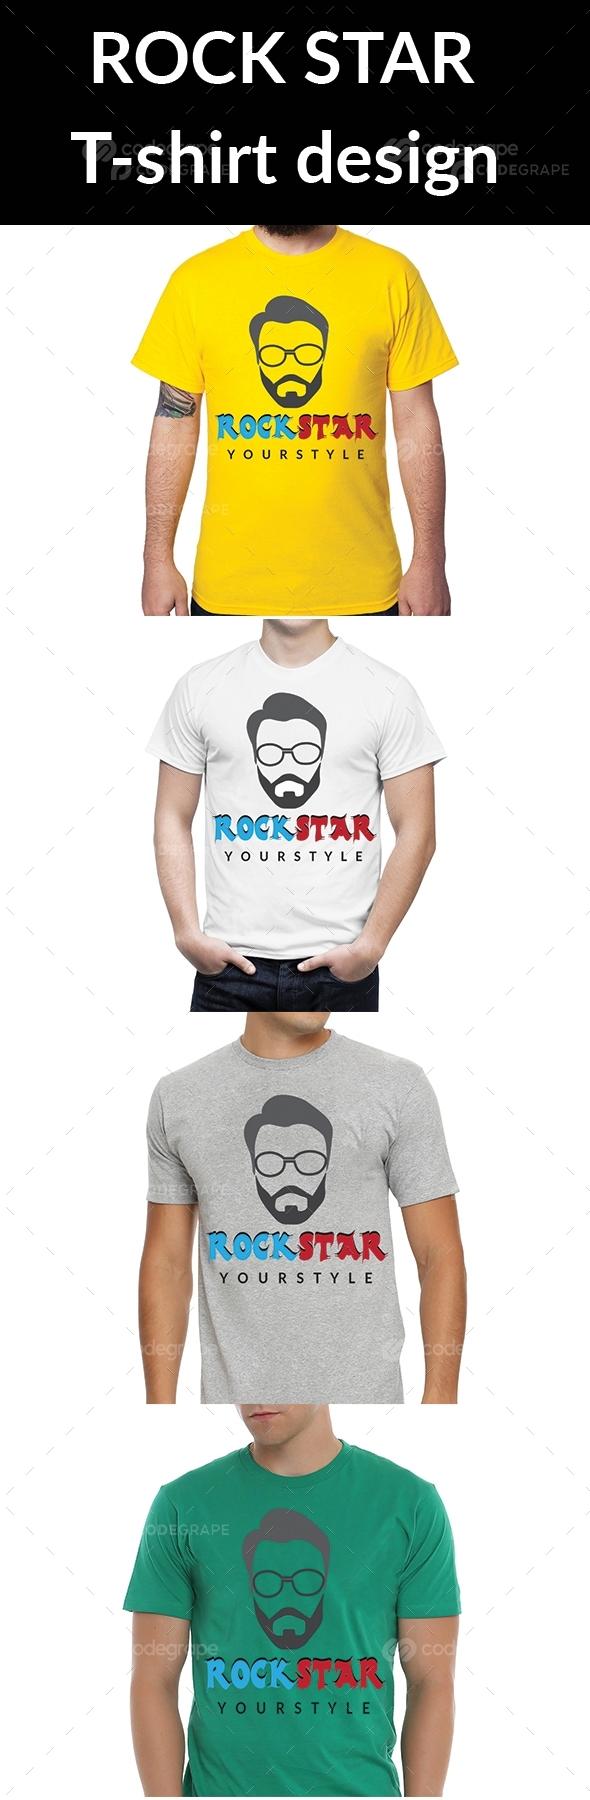 Rock Star T-shirt Design